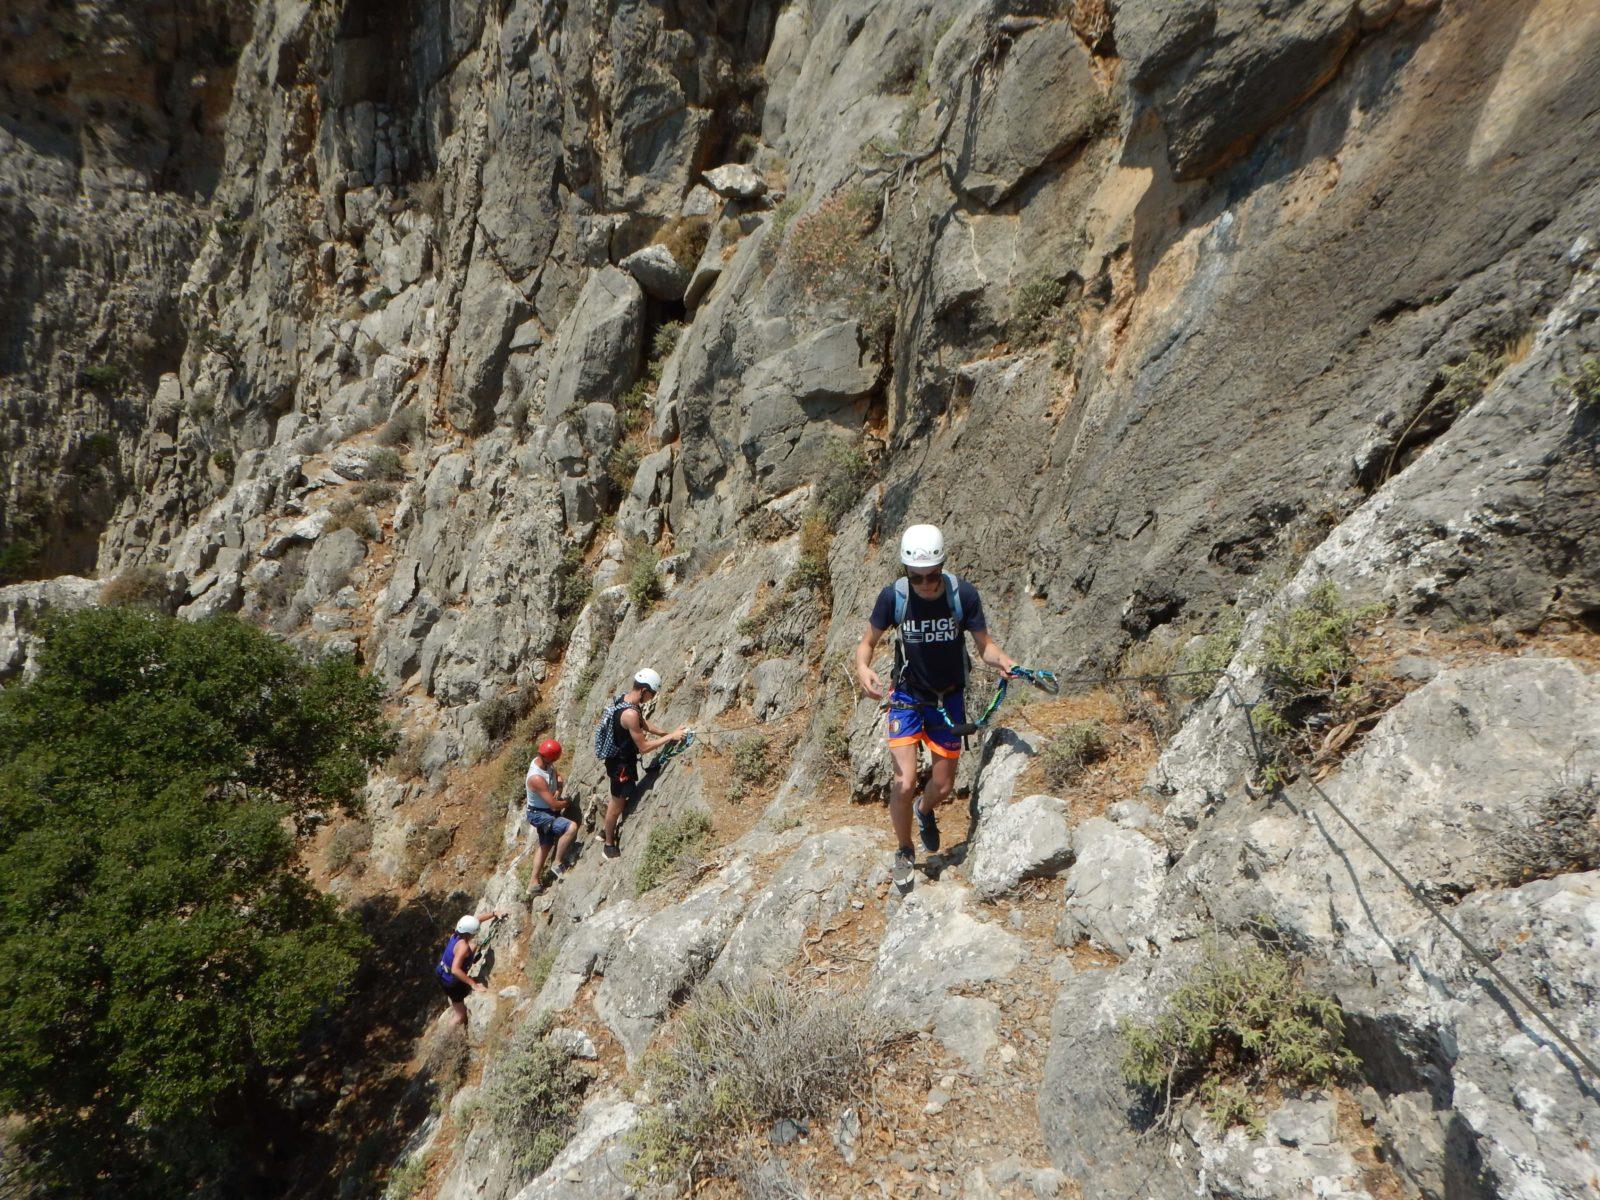 outdoor activities via ferrata for families kids love greece crete